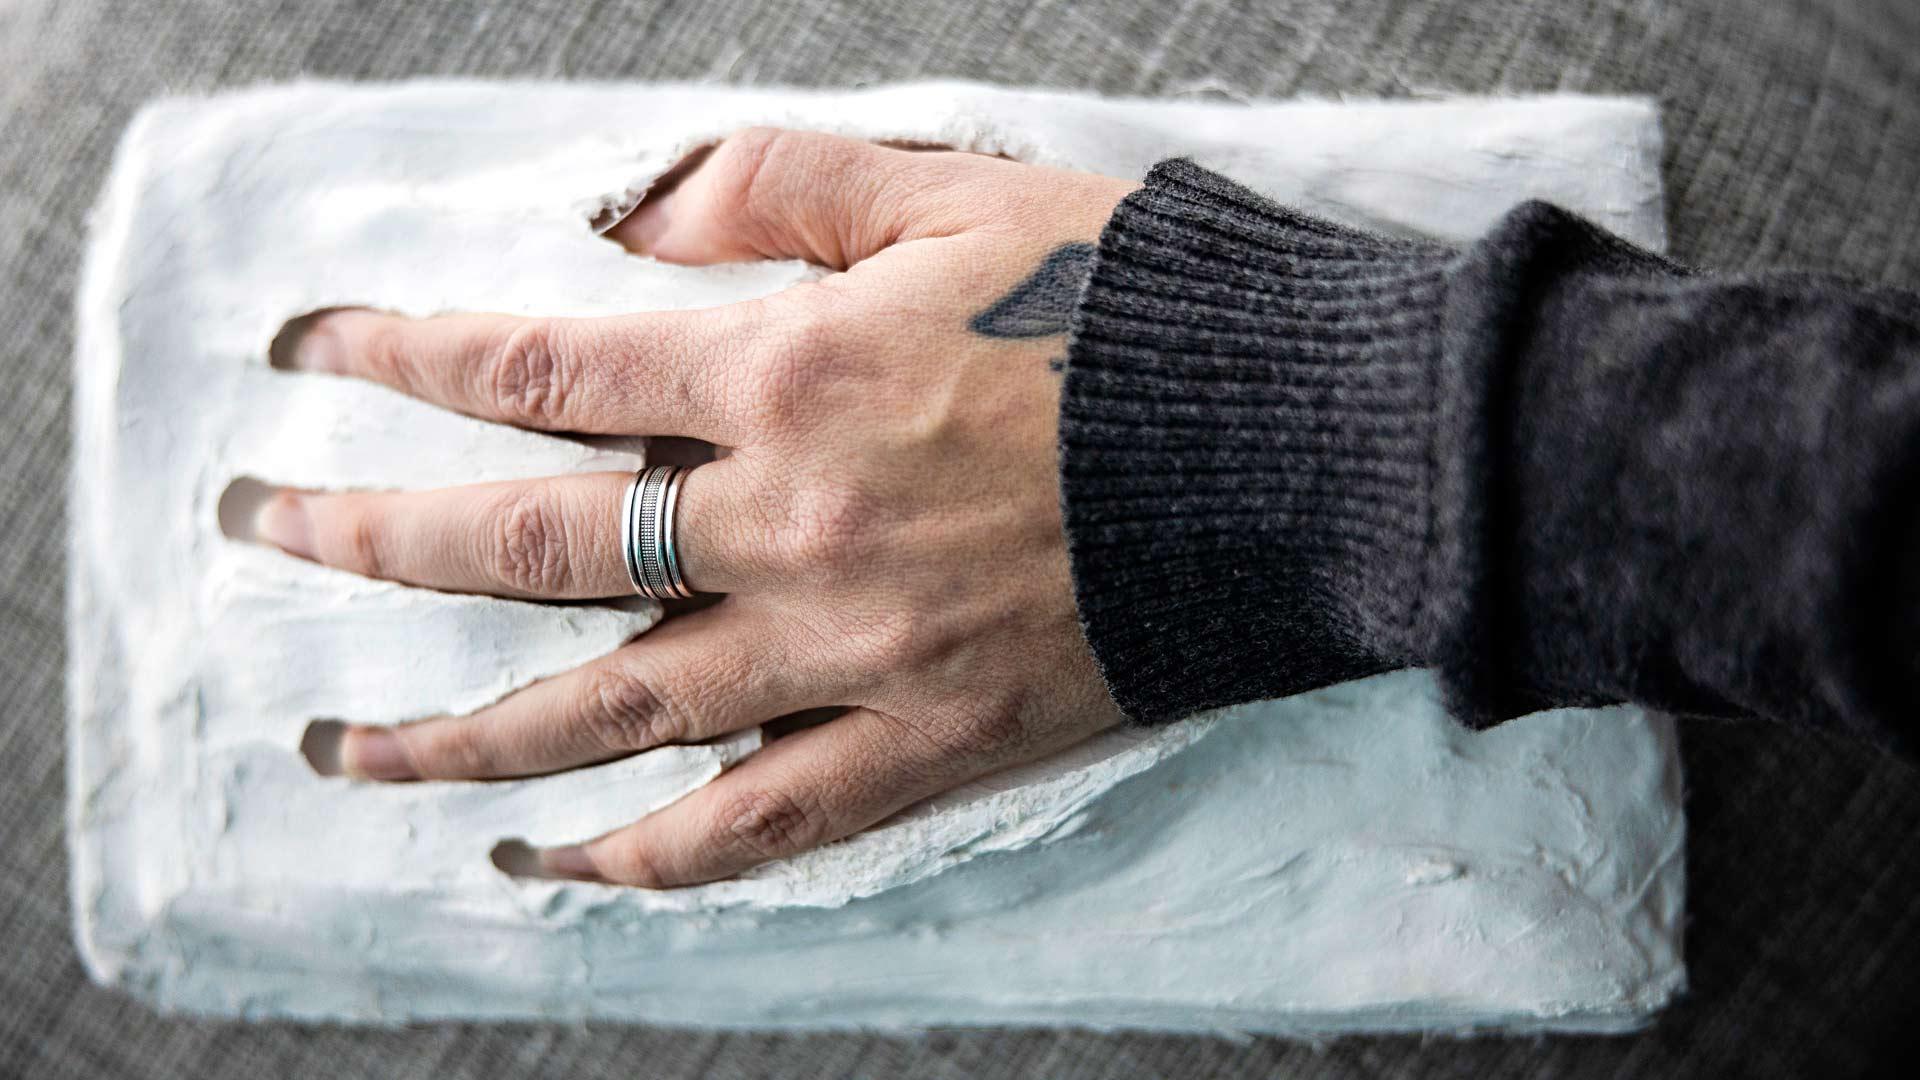 Äidin käsi sopii täydellisesti pojan kädestä otettuun valokseen. Sormessaan Johannalla on Villen luokkasormus.